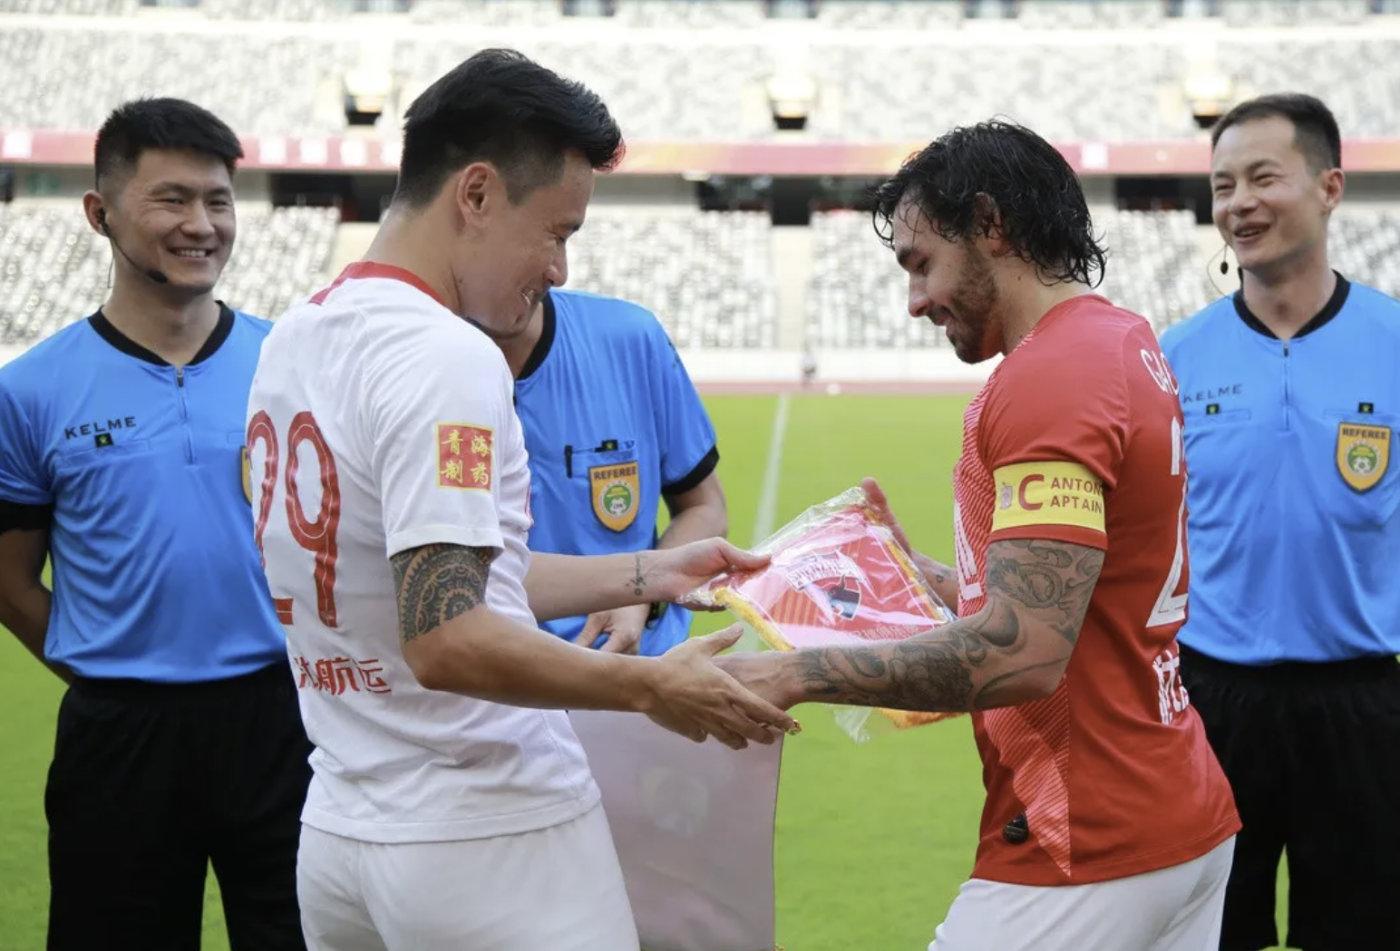 足球报:卡纳瓦罗希望在恒大外援和归化中寻找队长人选